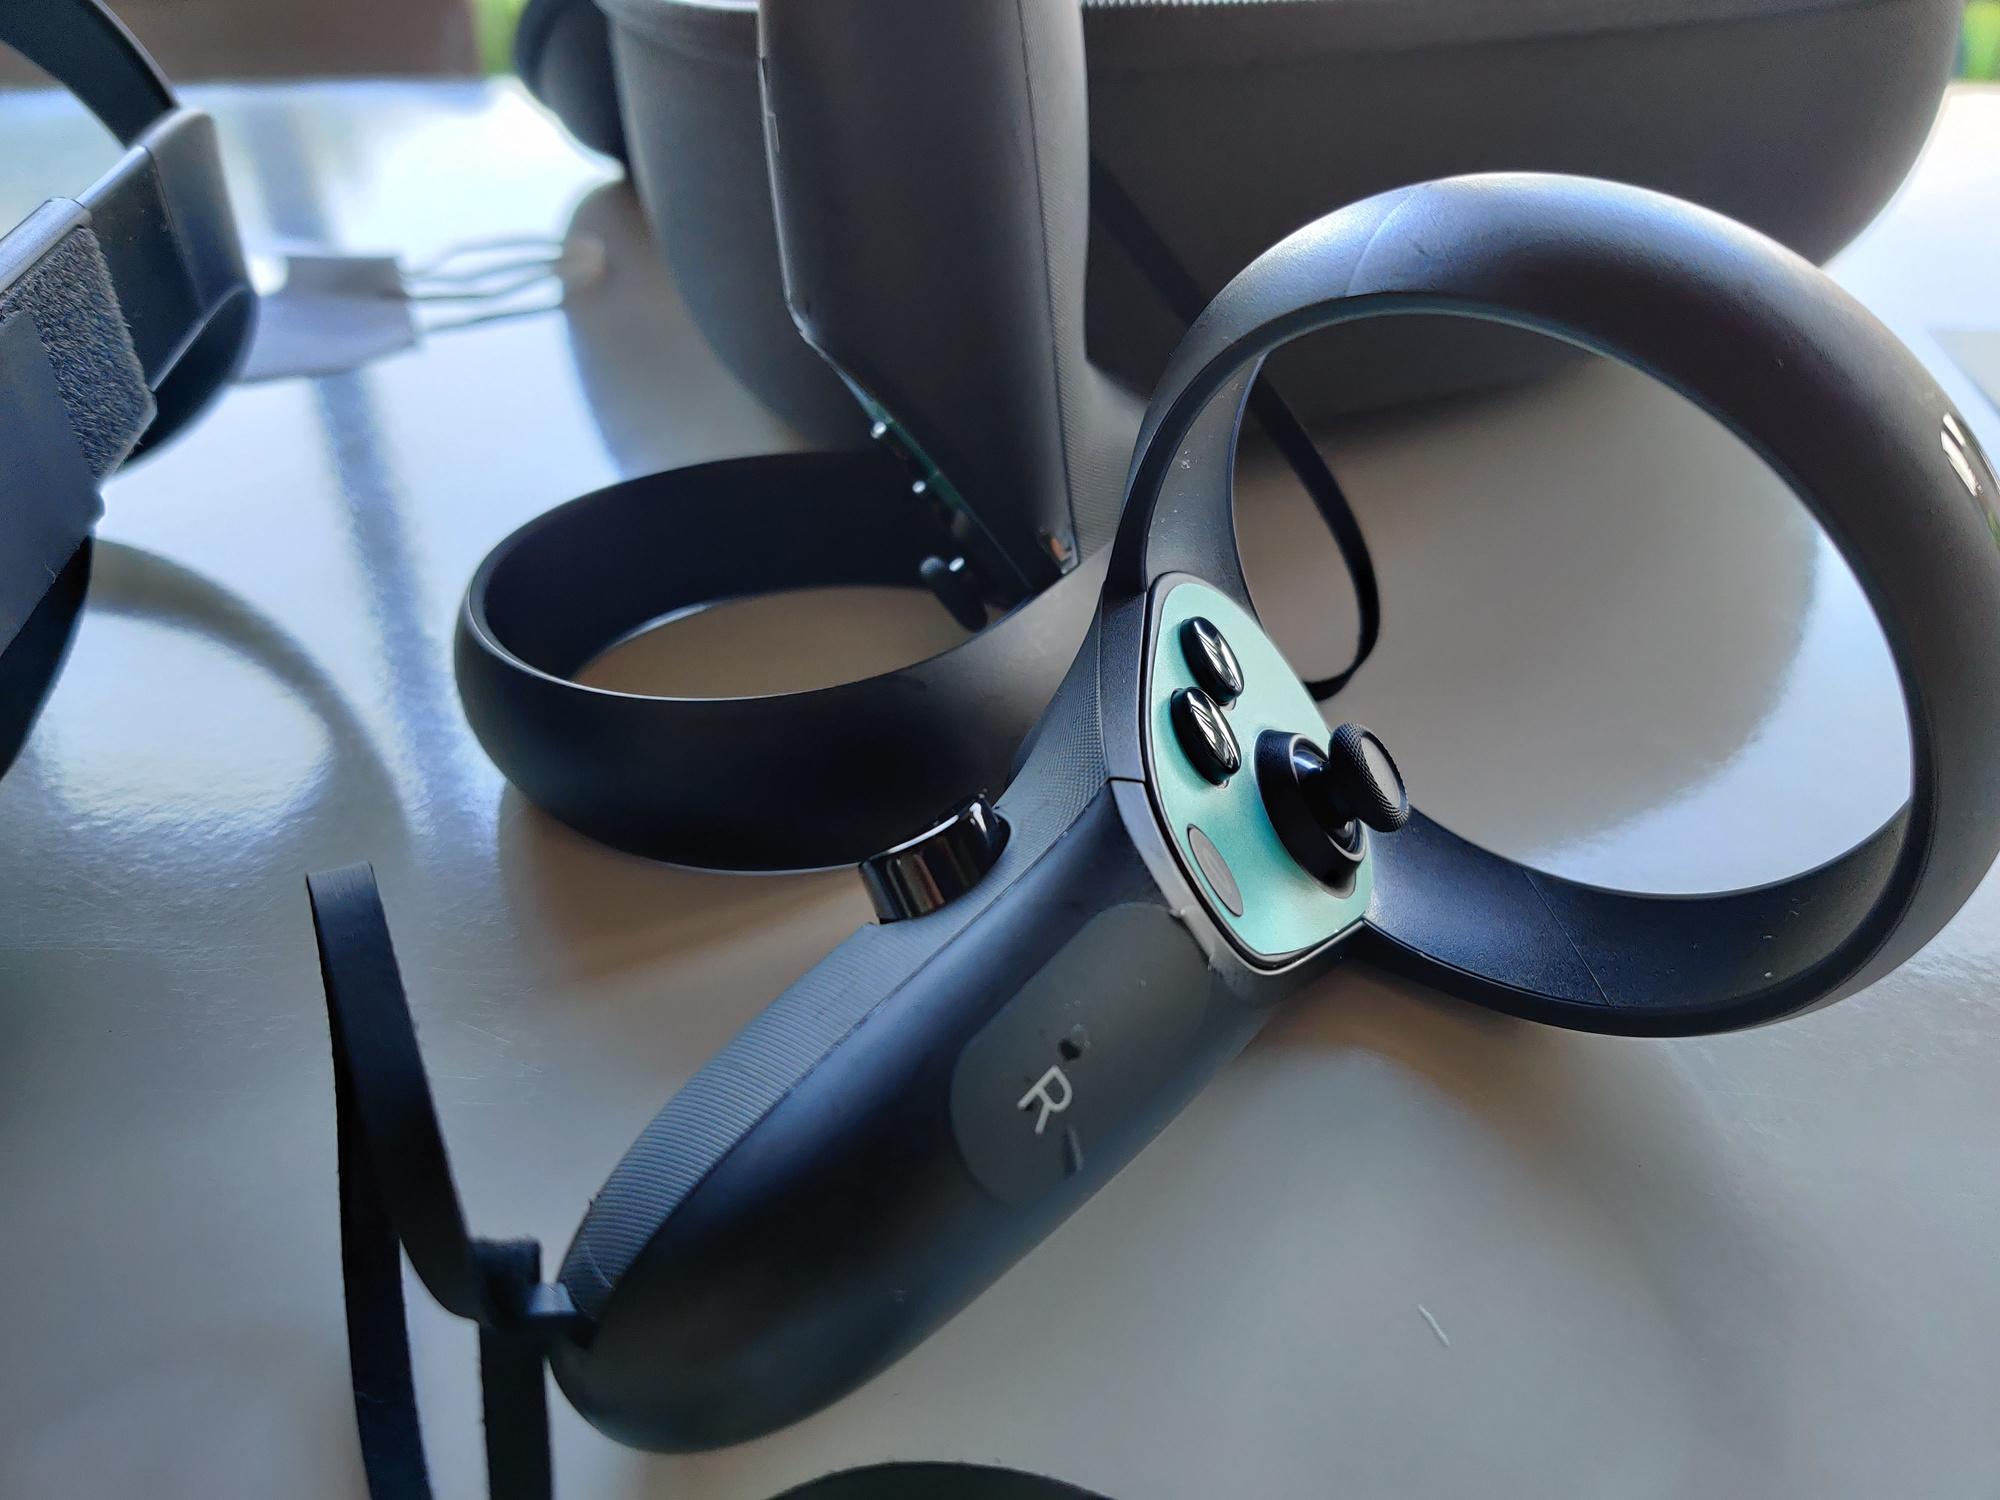 De controllers van de Oculus Quest., PVL